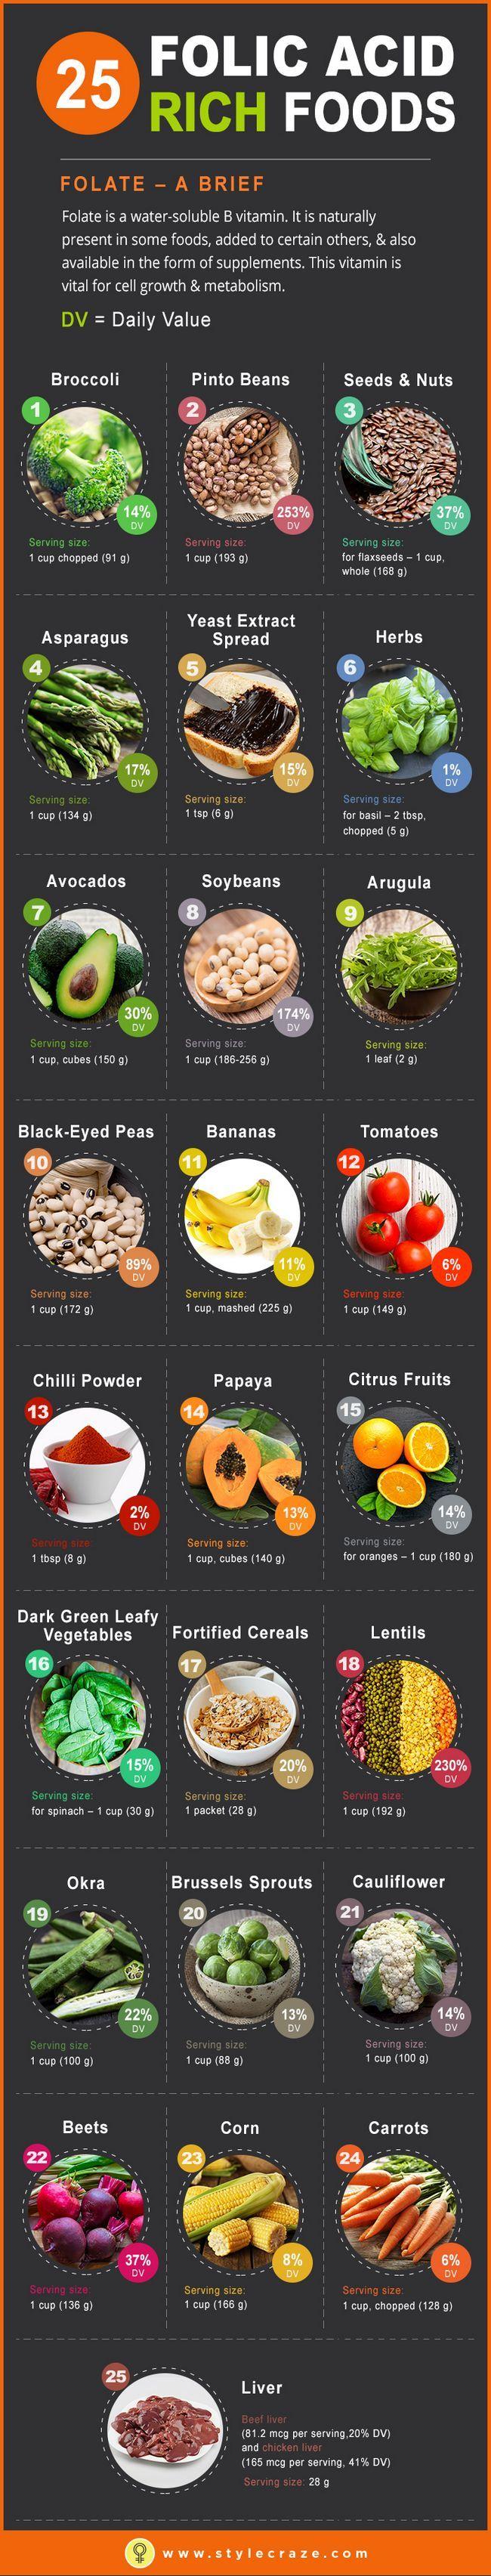 Top 25 des aliments riches en acide folique